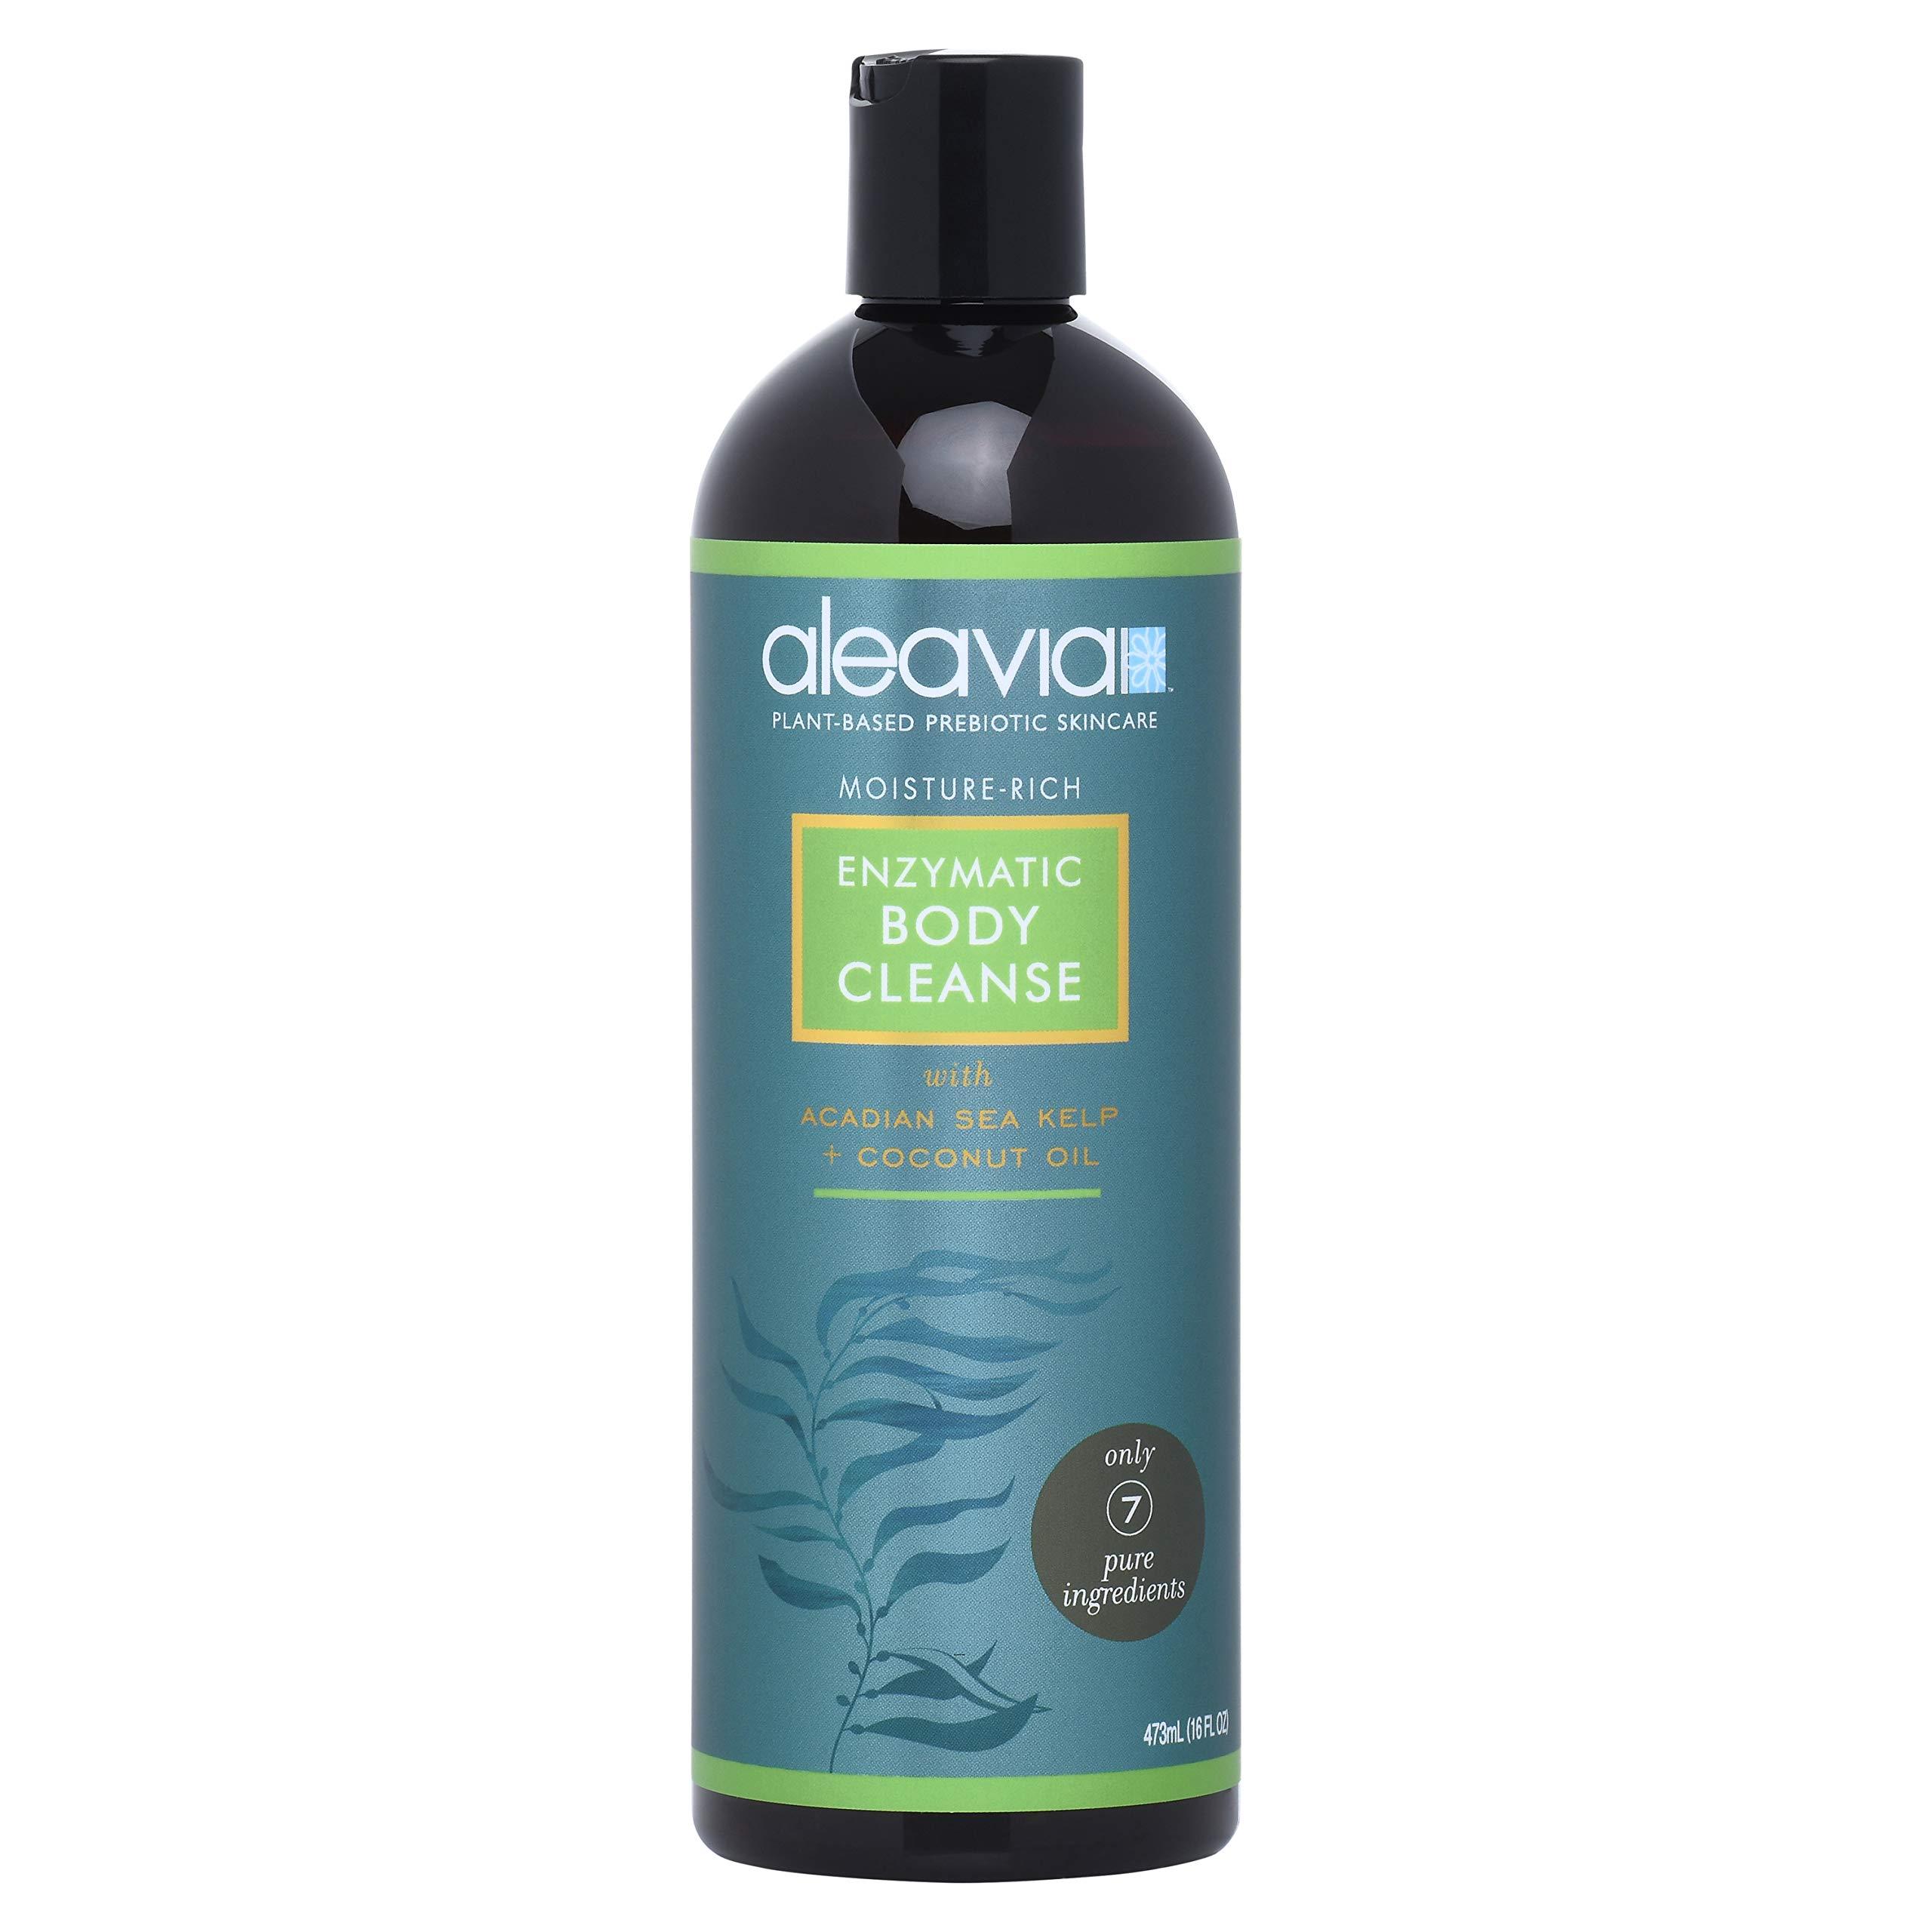 Aleavia, Body Cleanse Enzymatic, 16 Fl Oz